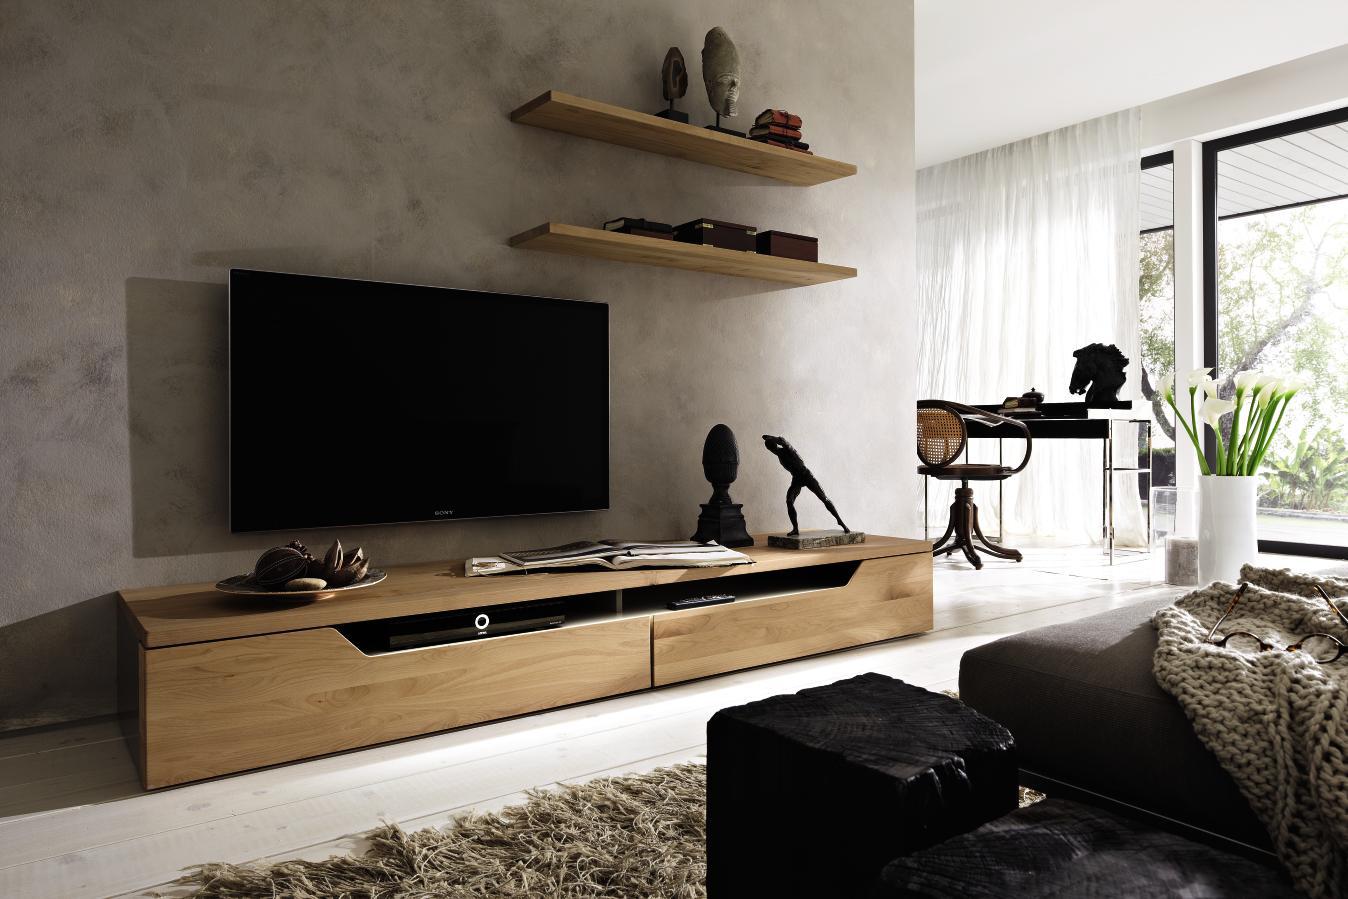 Meuble Tv Chene Design Maison Et Mobilier D Int Rieur # Modeles De Meubles Tv Moderne